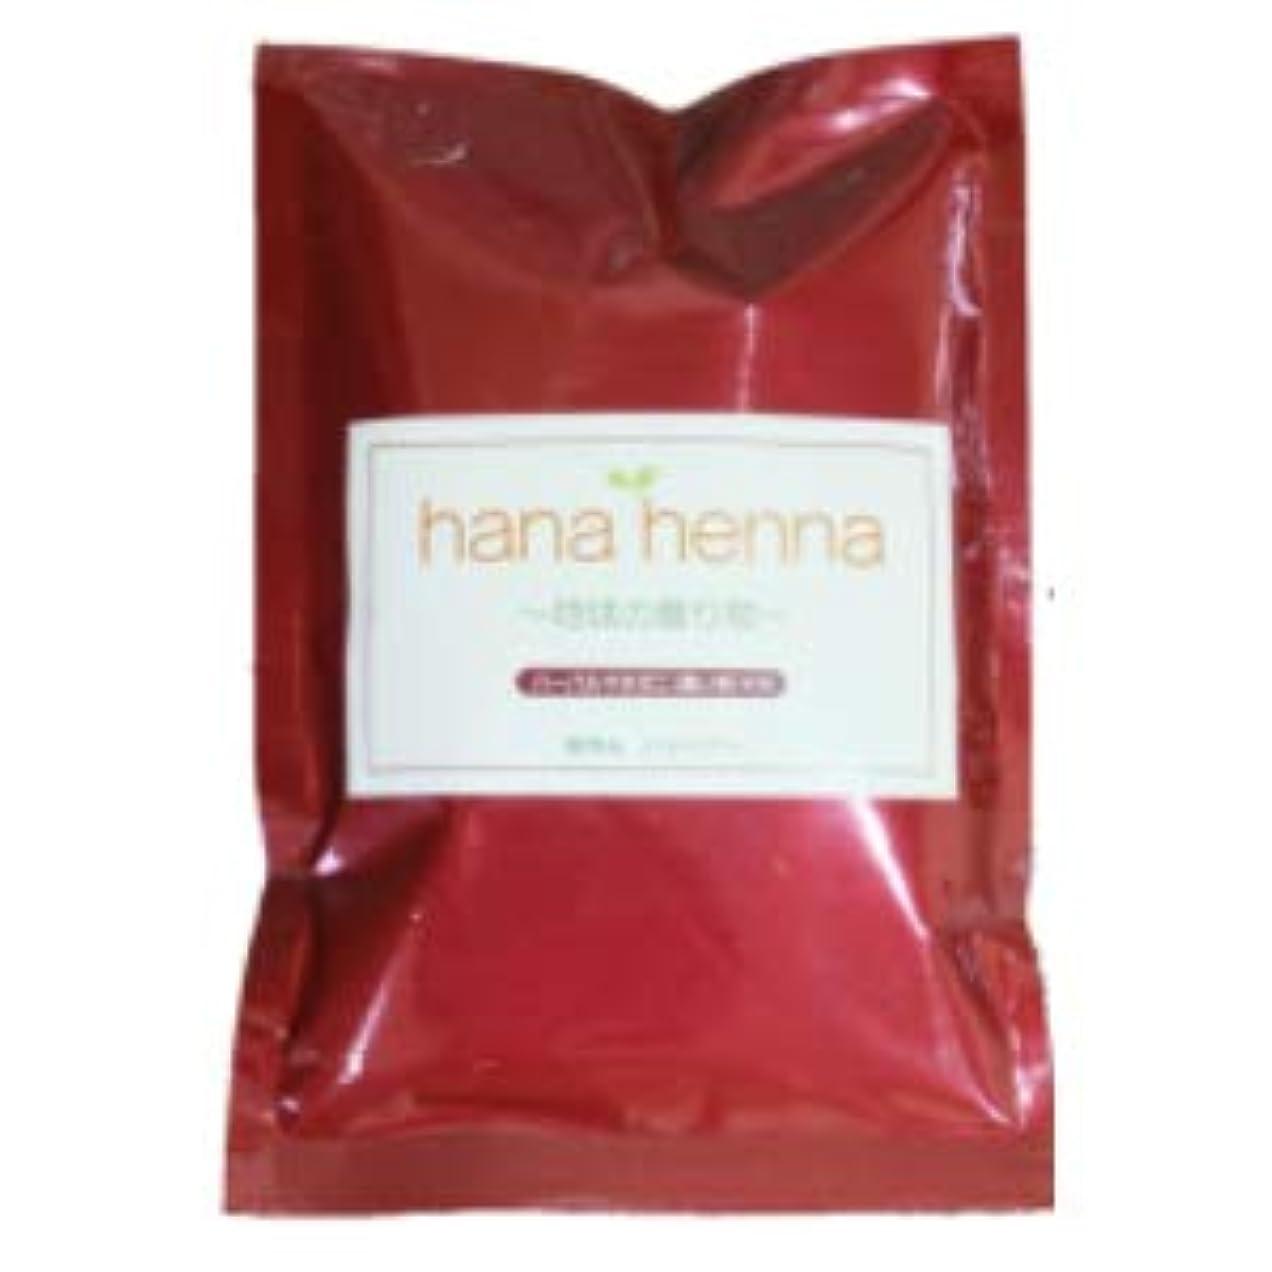 浸すしっかりよろしく?hana henna?ハナヘナ ハーバルマホガニー(濃い茶) (100g)